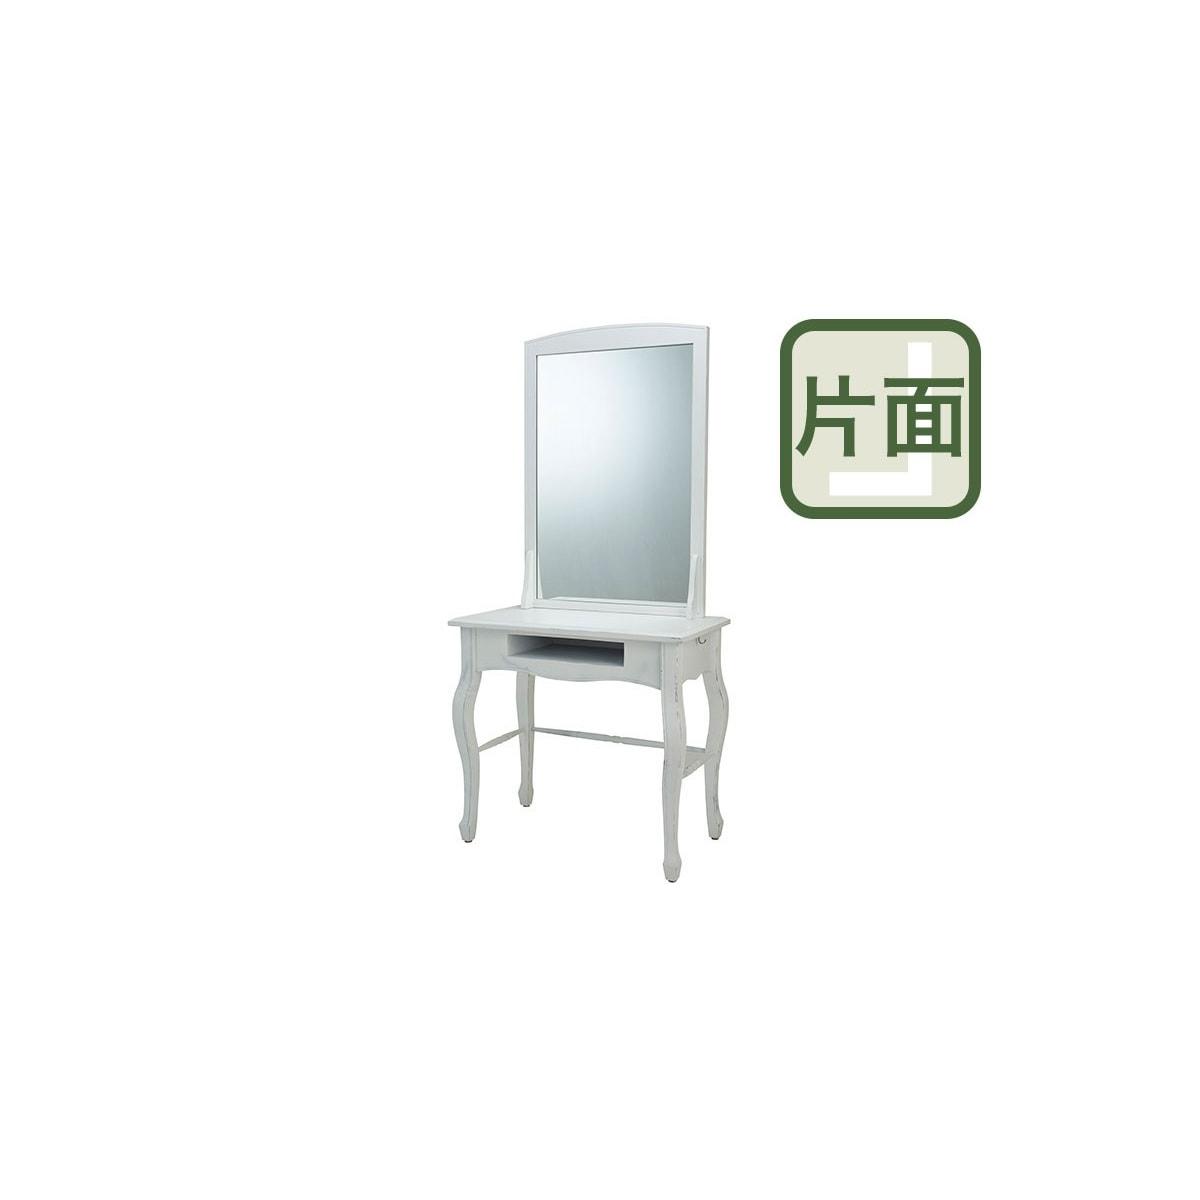 【シャビーシック】天然木製片面ドレッサーMarie(マリー)1stモデル